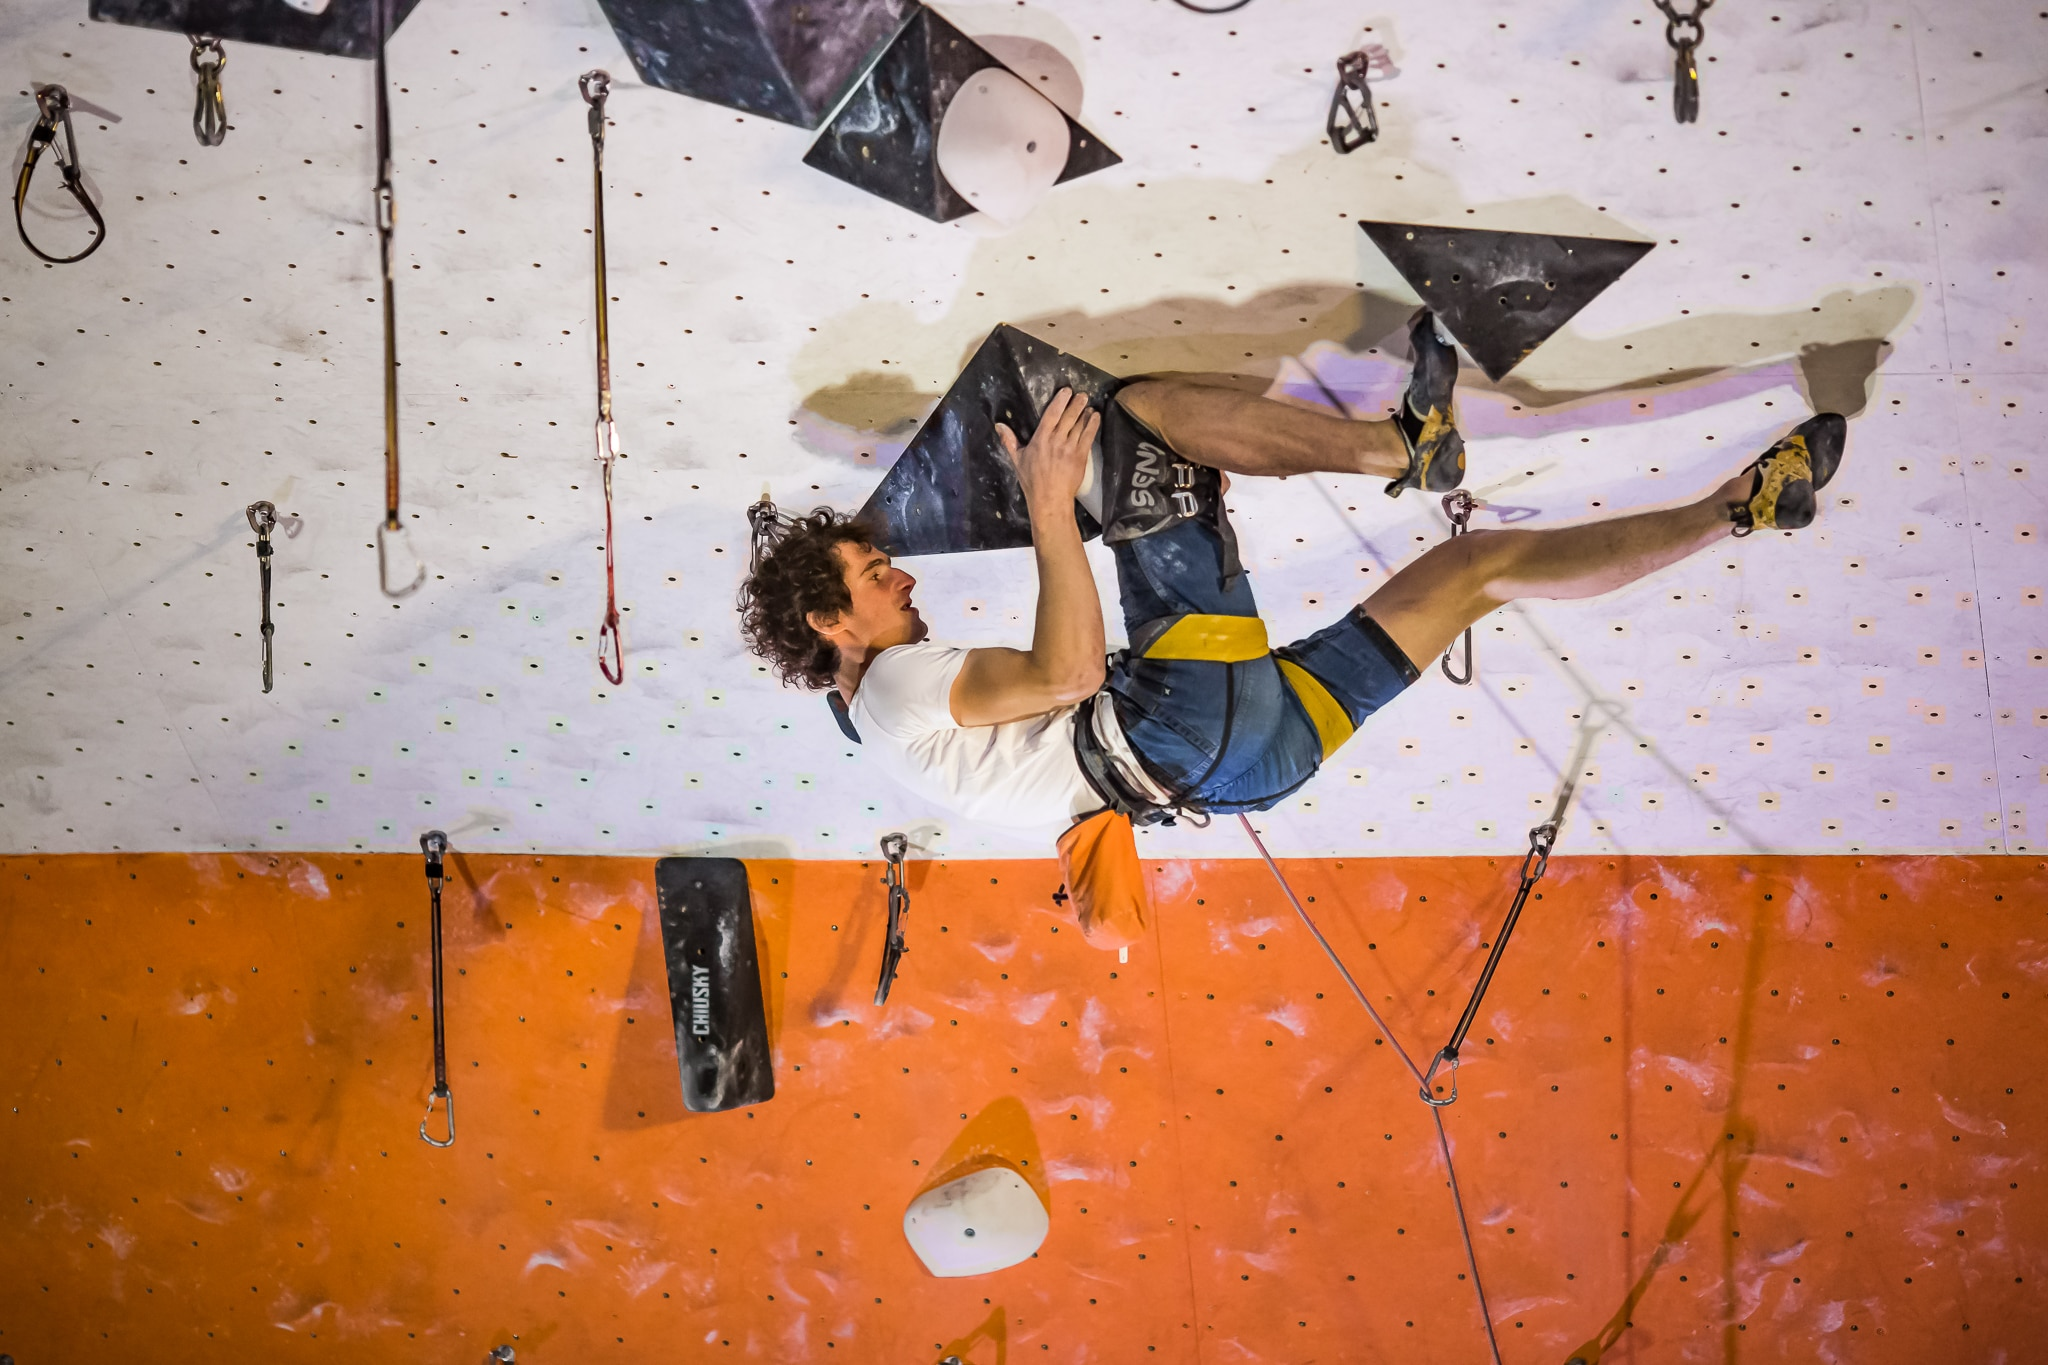 Photo of Adam Ondra: spingendo di più potrei fare un 9c+, ma sono molto lontano dal farlo